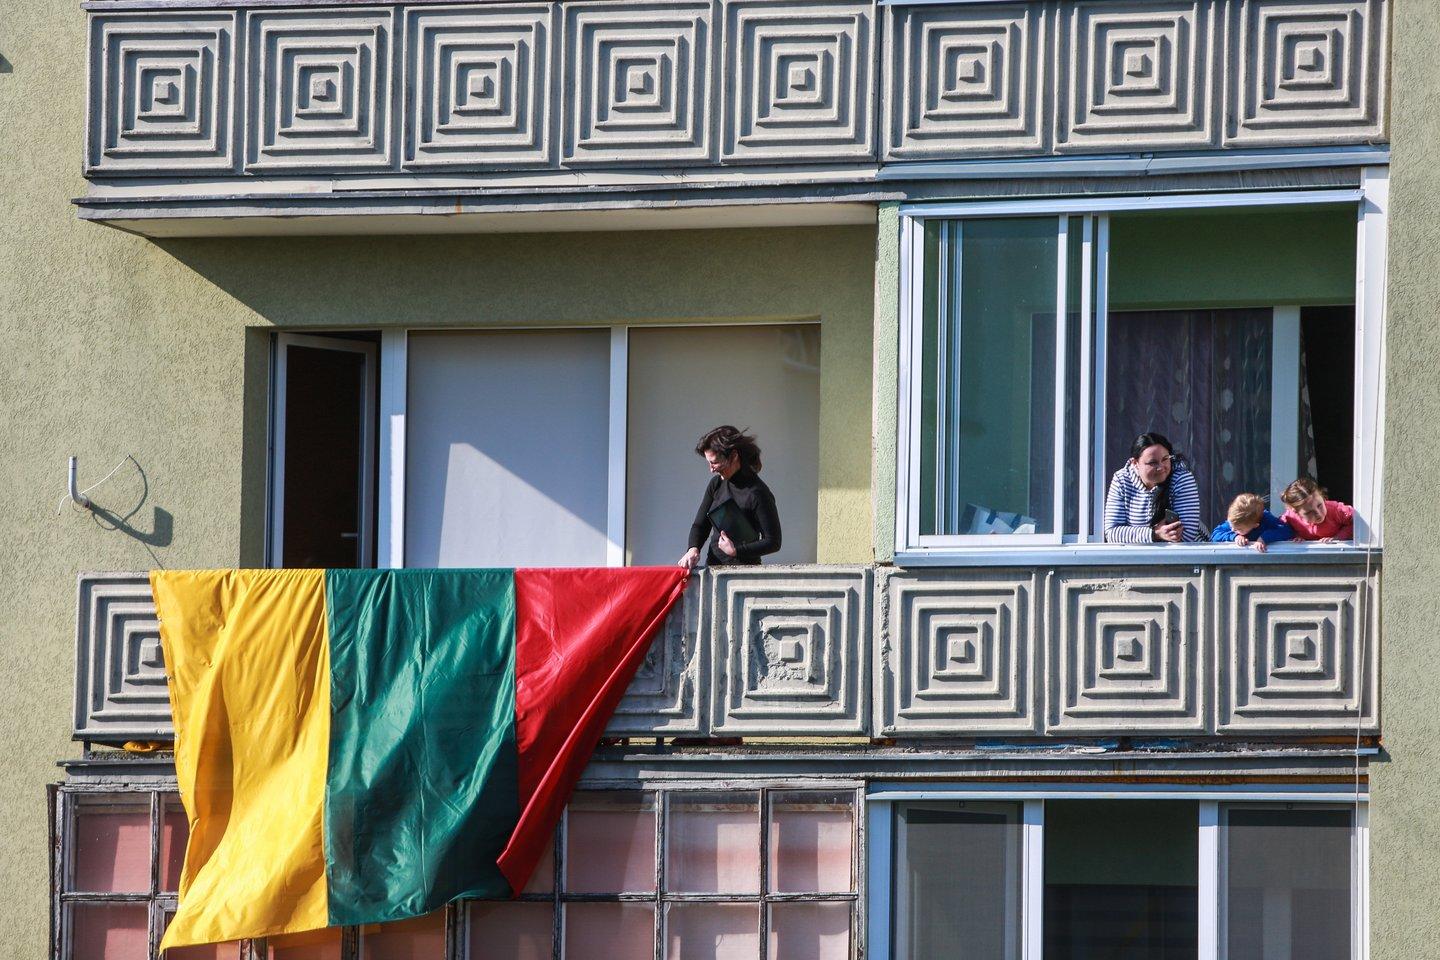 Renkantis naują būstą, balkoną kaip vieną svarbiausių kriterijų nurodo beveik pusė (47 proc.) Lietuvos gyventojų. Dažniau balkonais labiau domisi moterys nei vyrai, neretai teiraujamasi ir apie galimybę balkoną įstiklinti.<br>G.Bitvinsko nuotr.